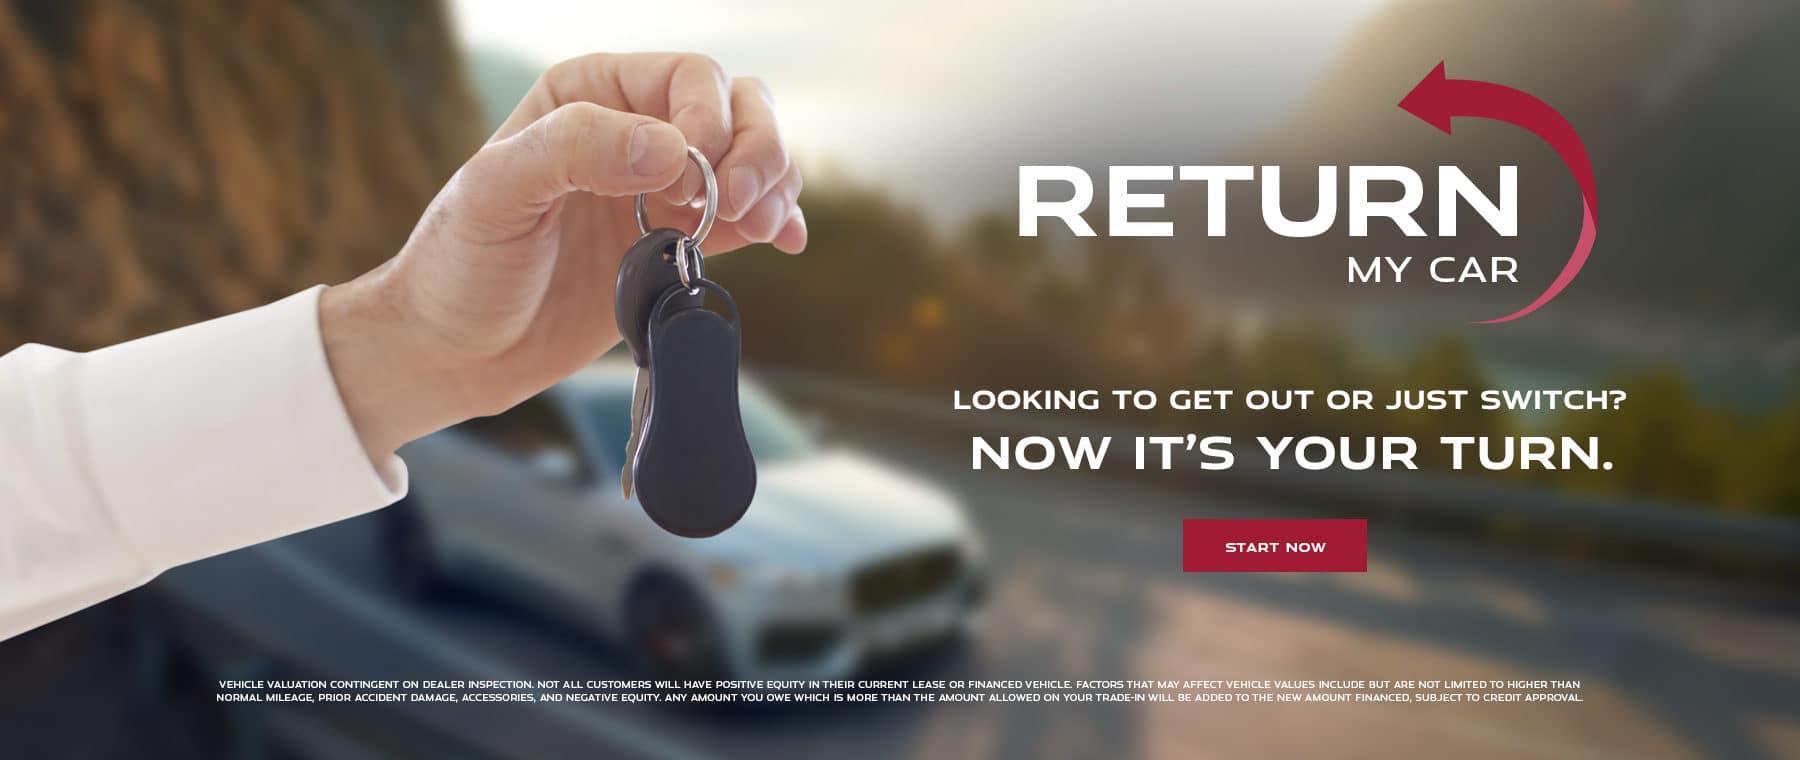 Return my car JA